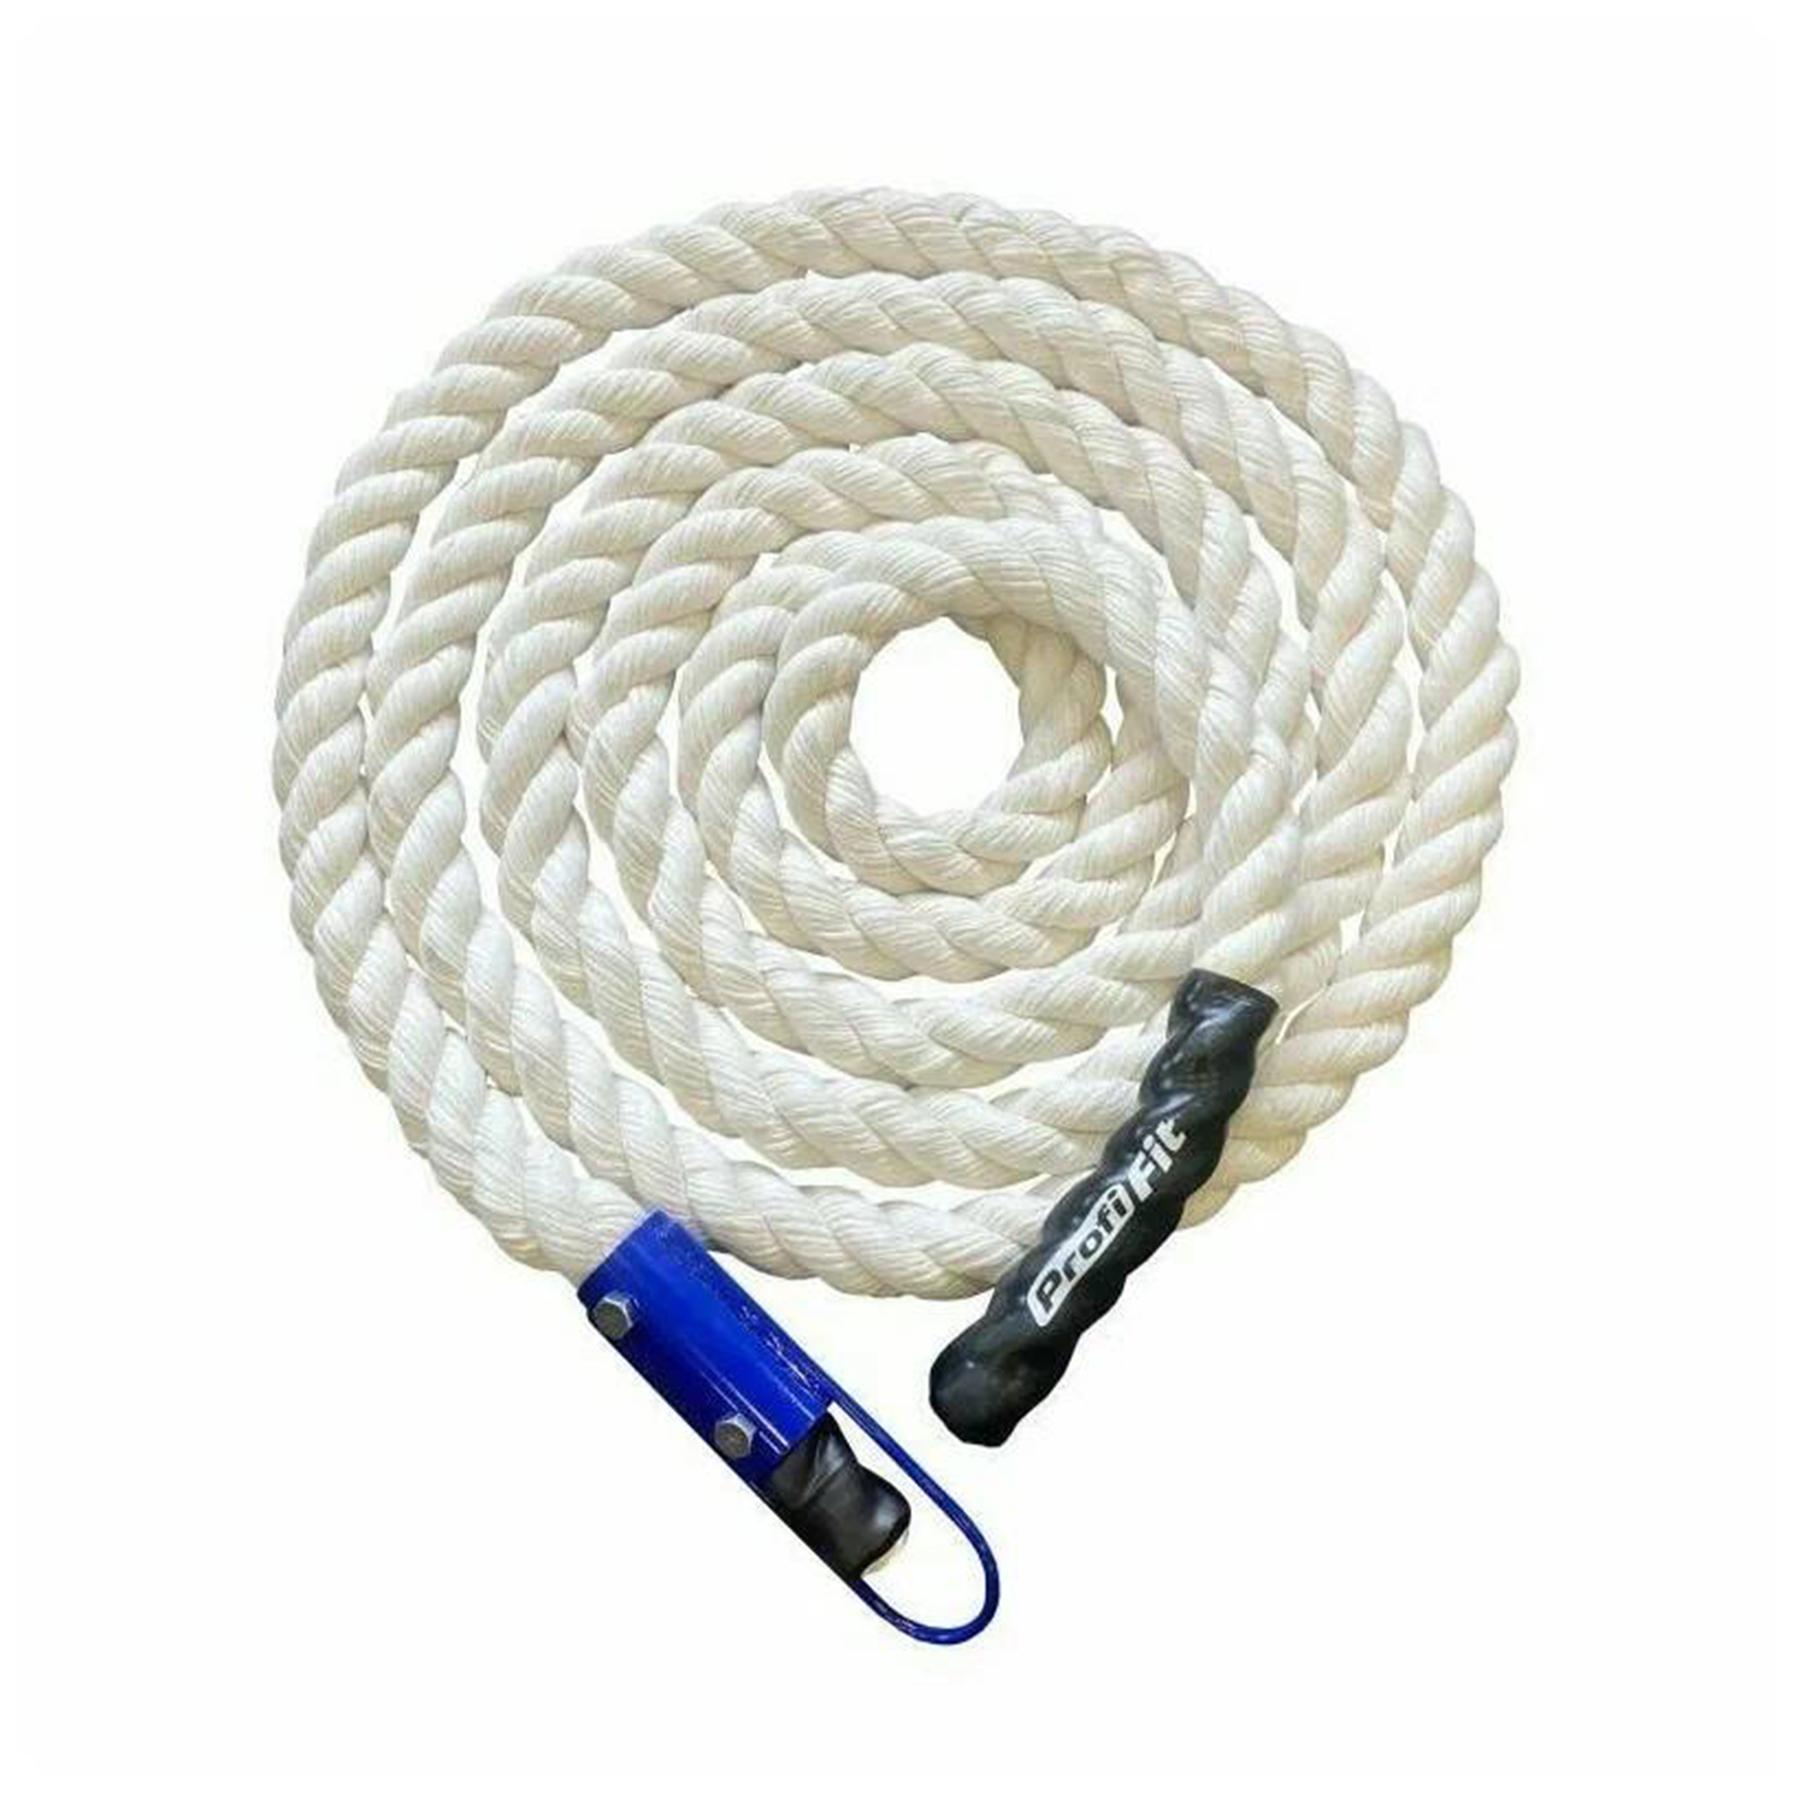 Канат х/б 4м d=30мм с крепежным стаканом и крюком